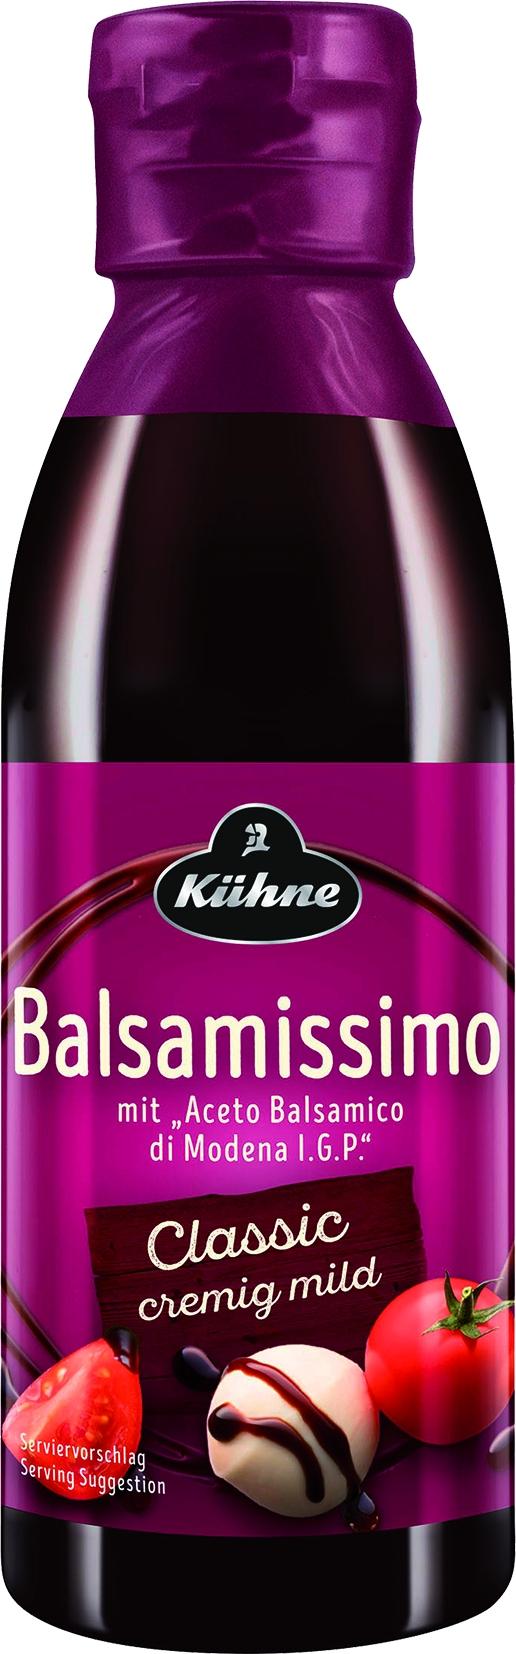 Balsamissimo Balsamico-Creme cremig-mild